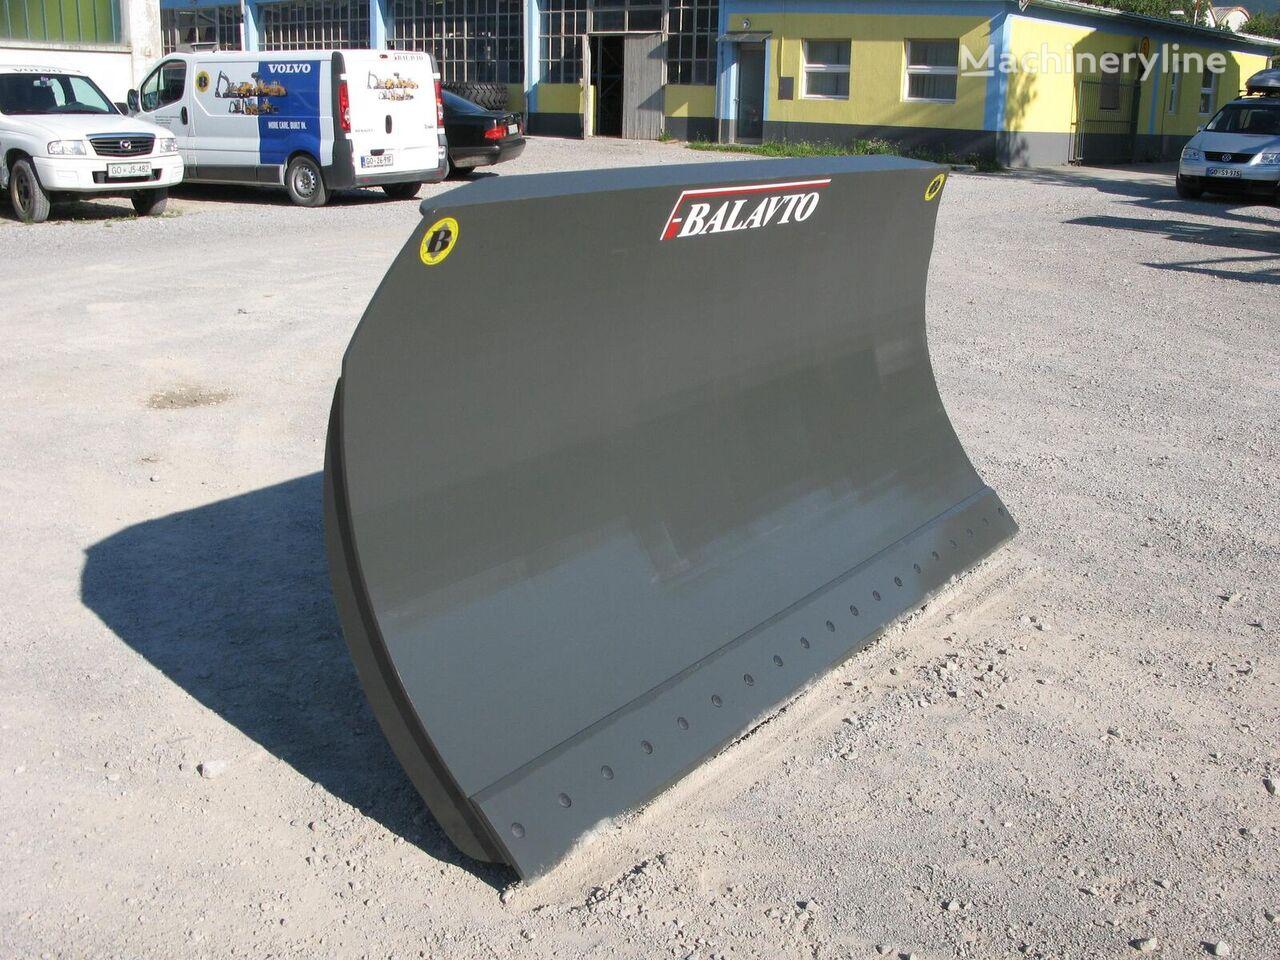 BALAVTO Blades for Loaders, Excavators hoja de bulldozer nueva